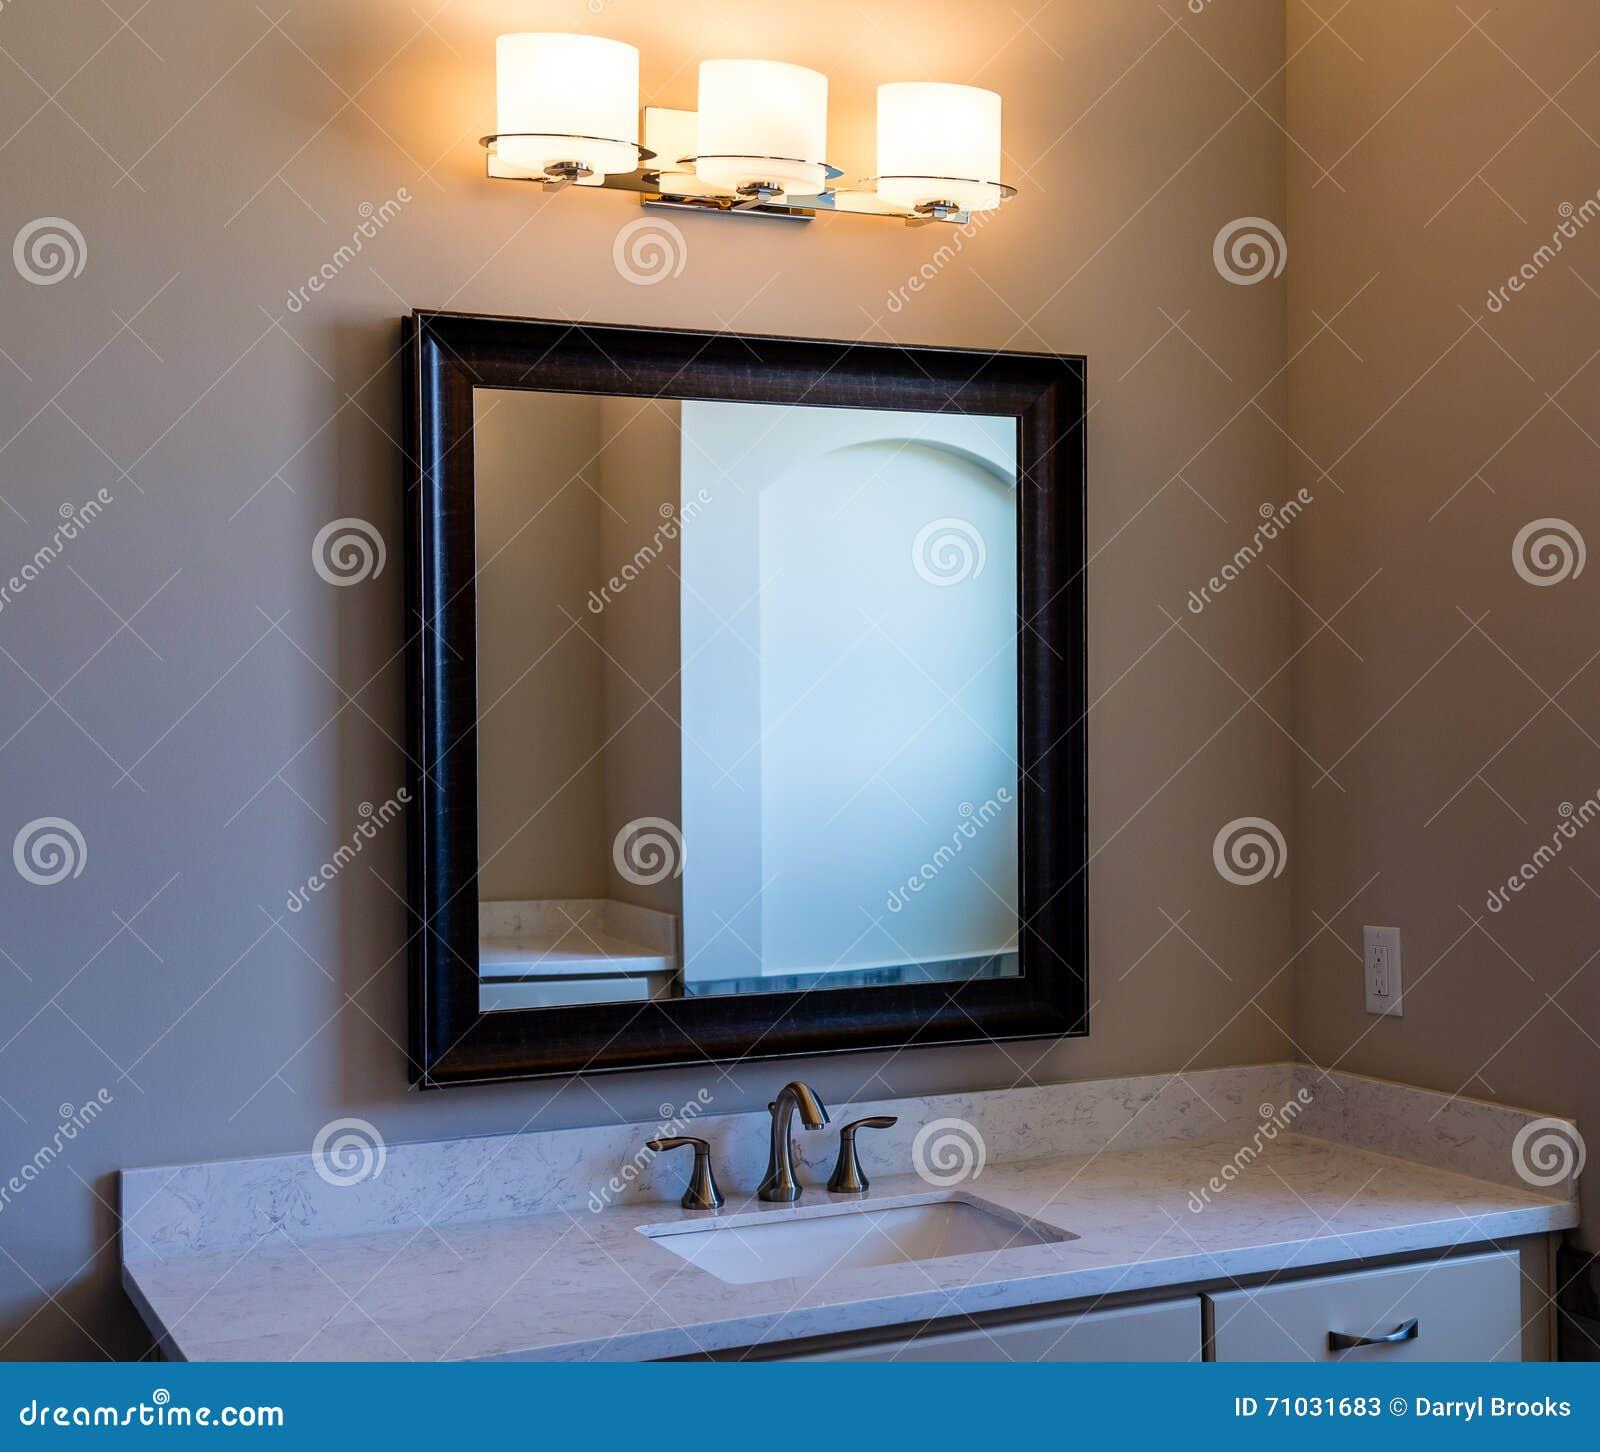 Luci Per Lo Specchio Del Bagno.Specchio E Luci Di Vanita Moderni Del Bagno Immagine Stock